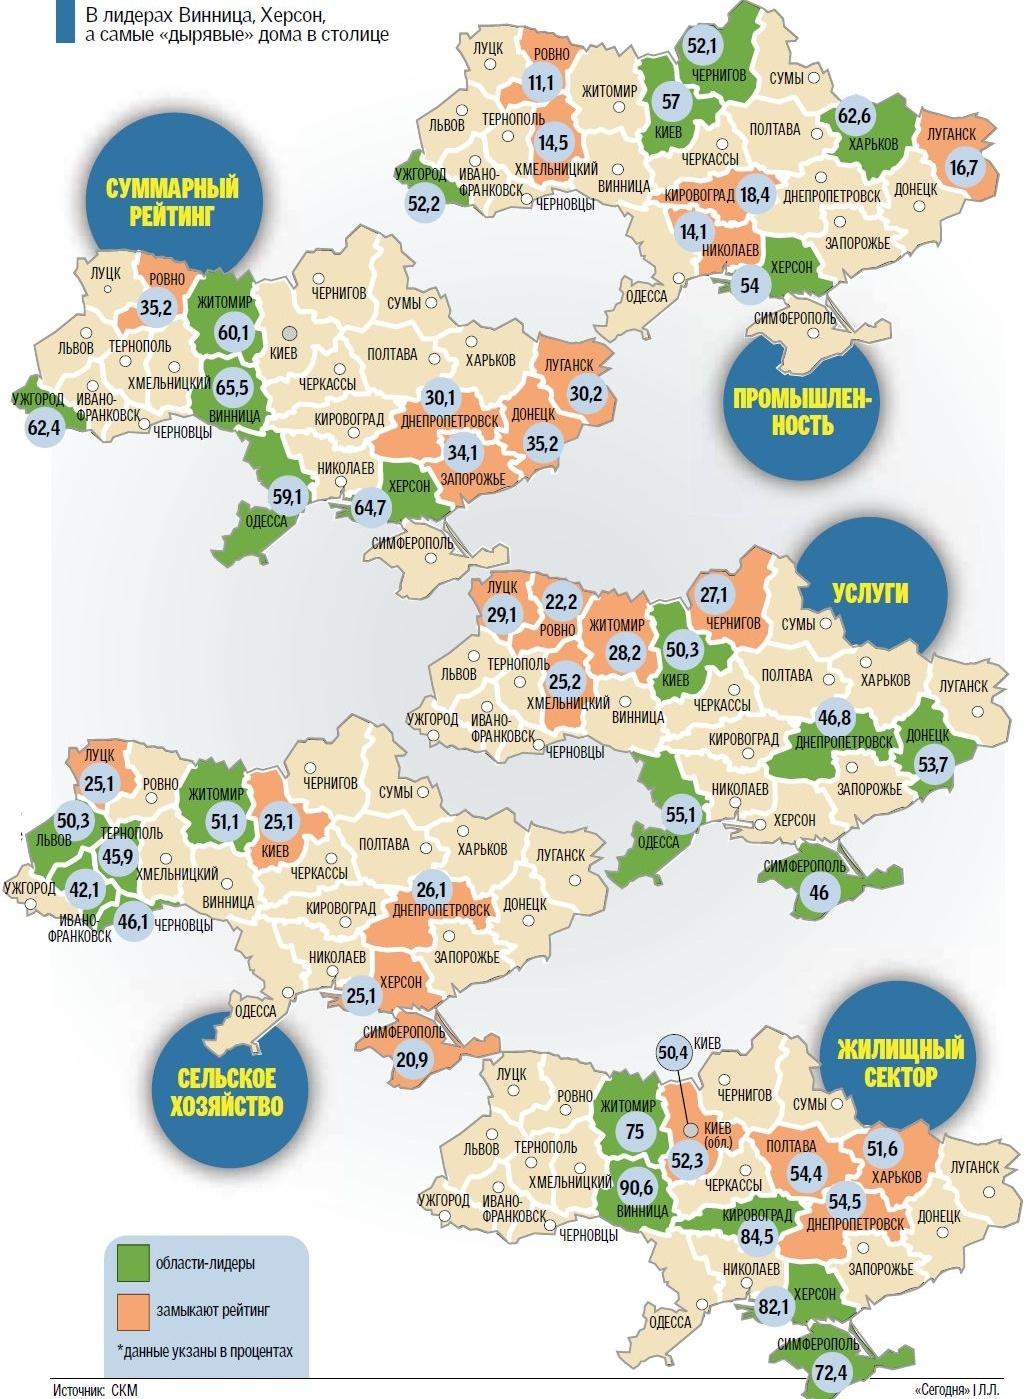 Рейтинг энергоэффективности регионов Украины